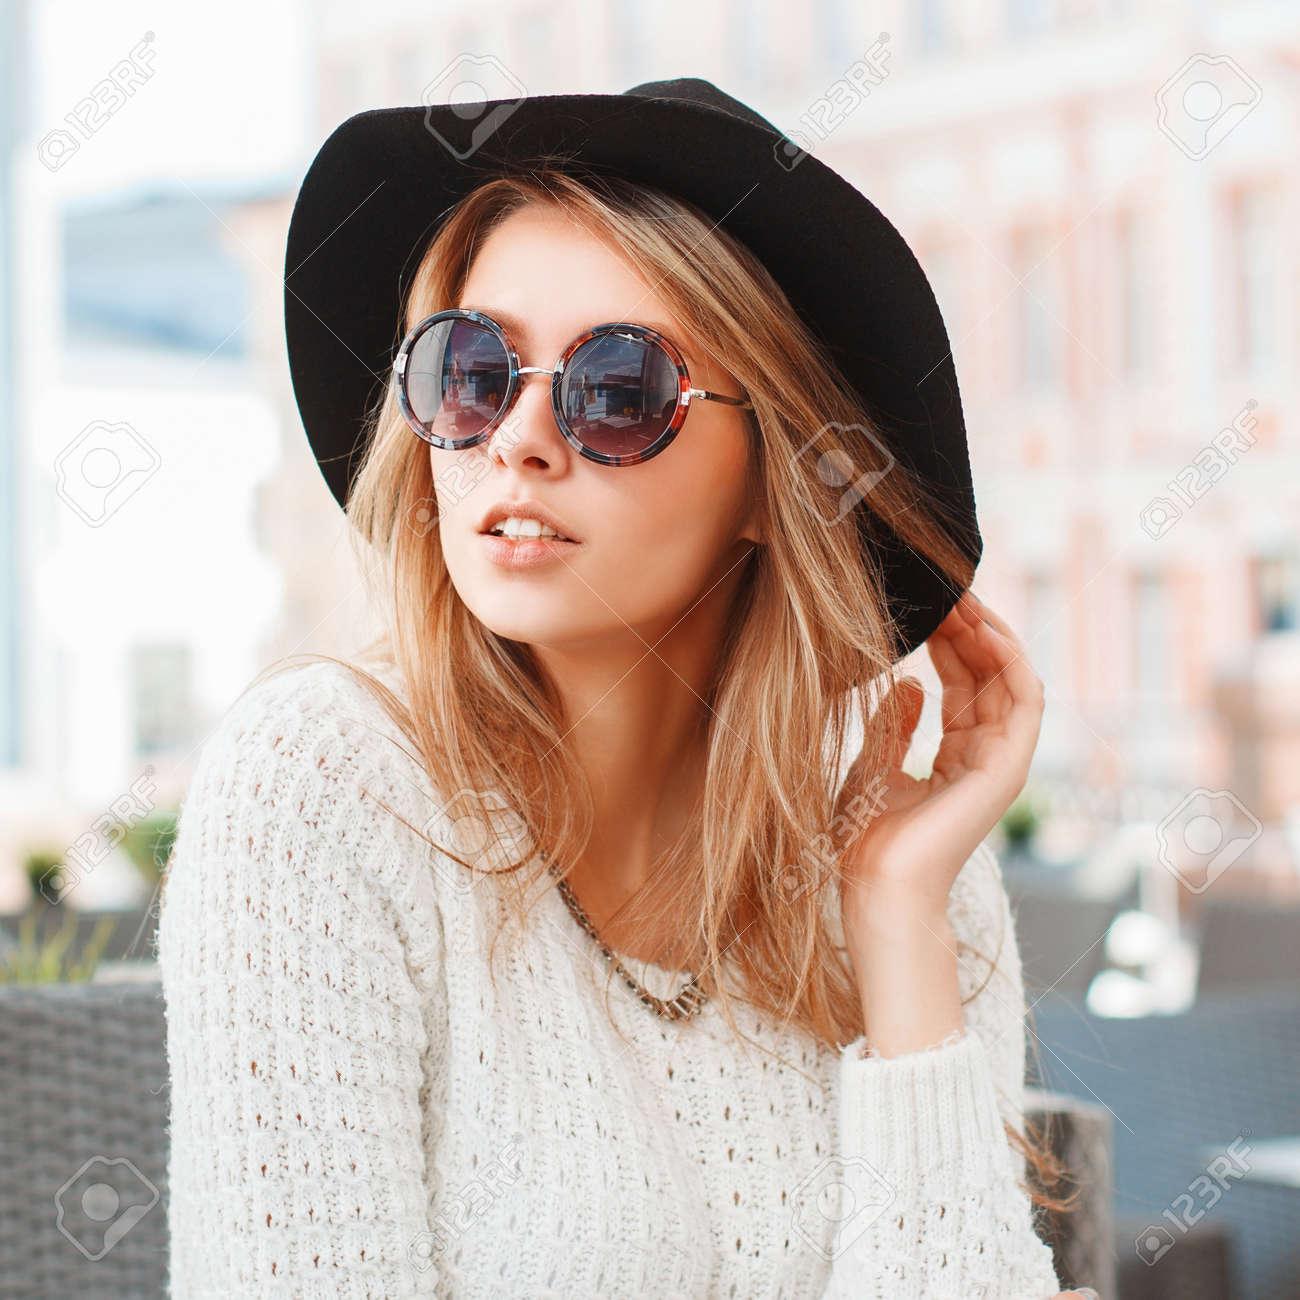 65560fd46b752 Banque d images - Femme à la mode avec chapeau noir et lunettes de soleil  rondes au café.